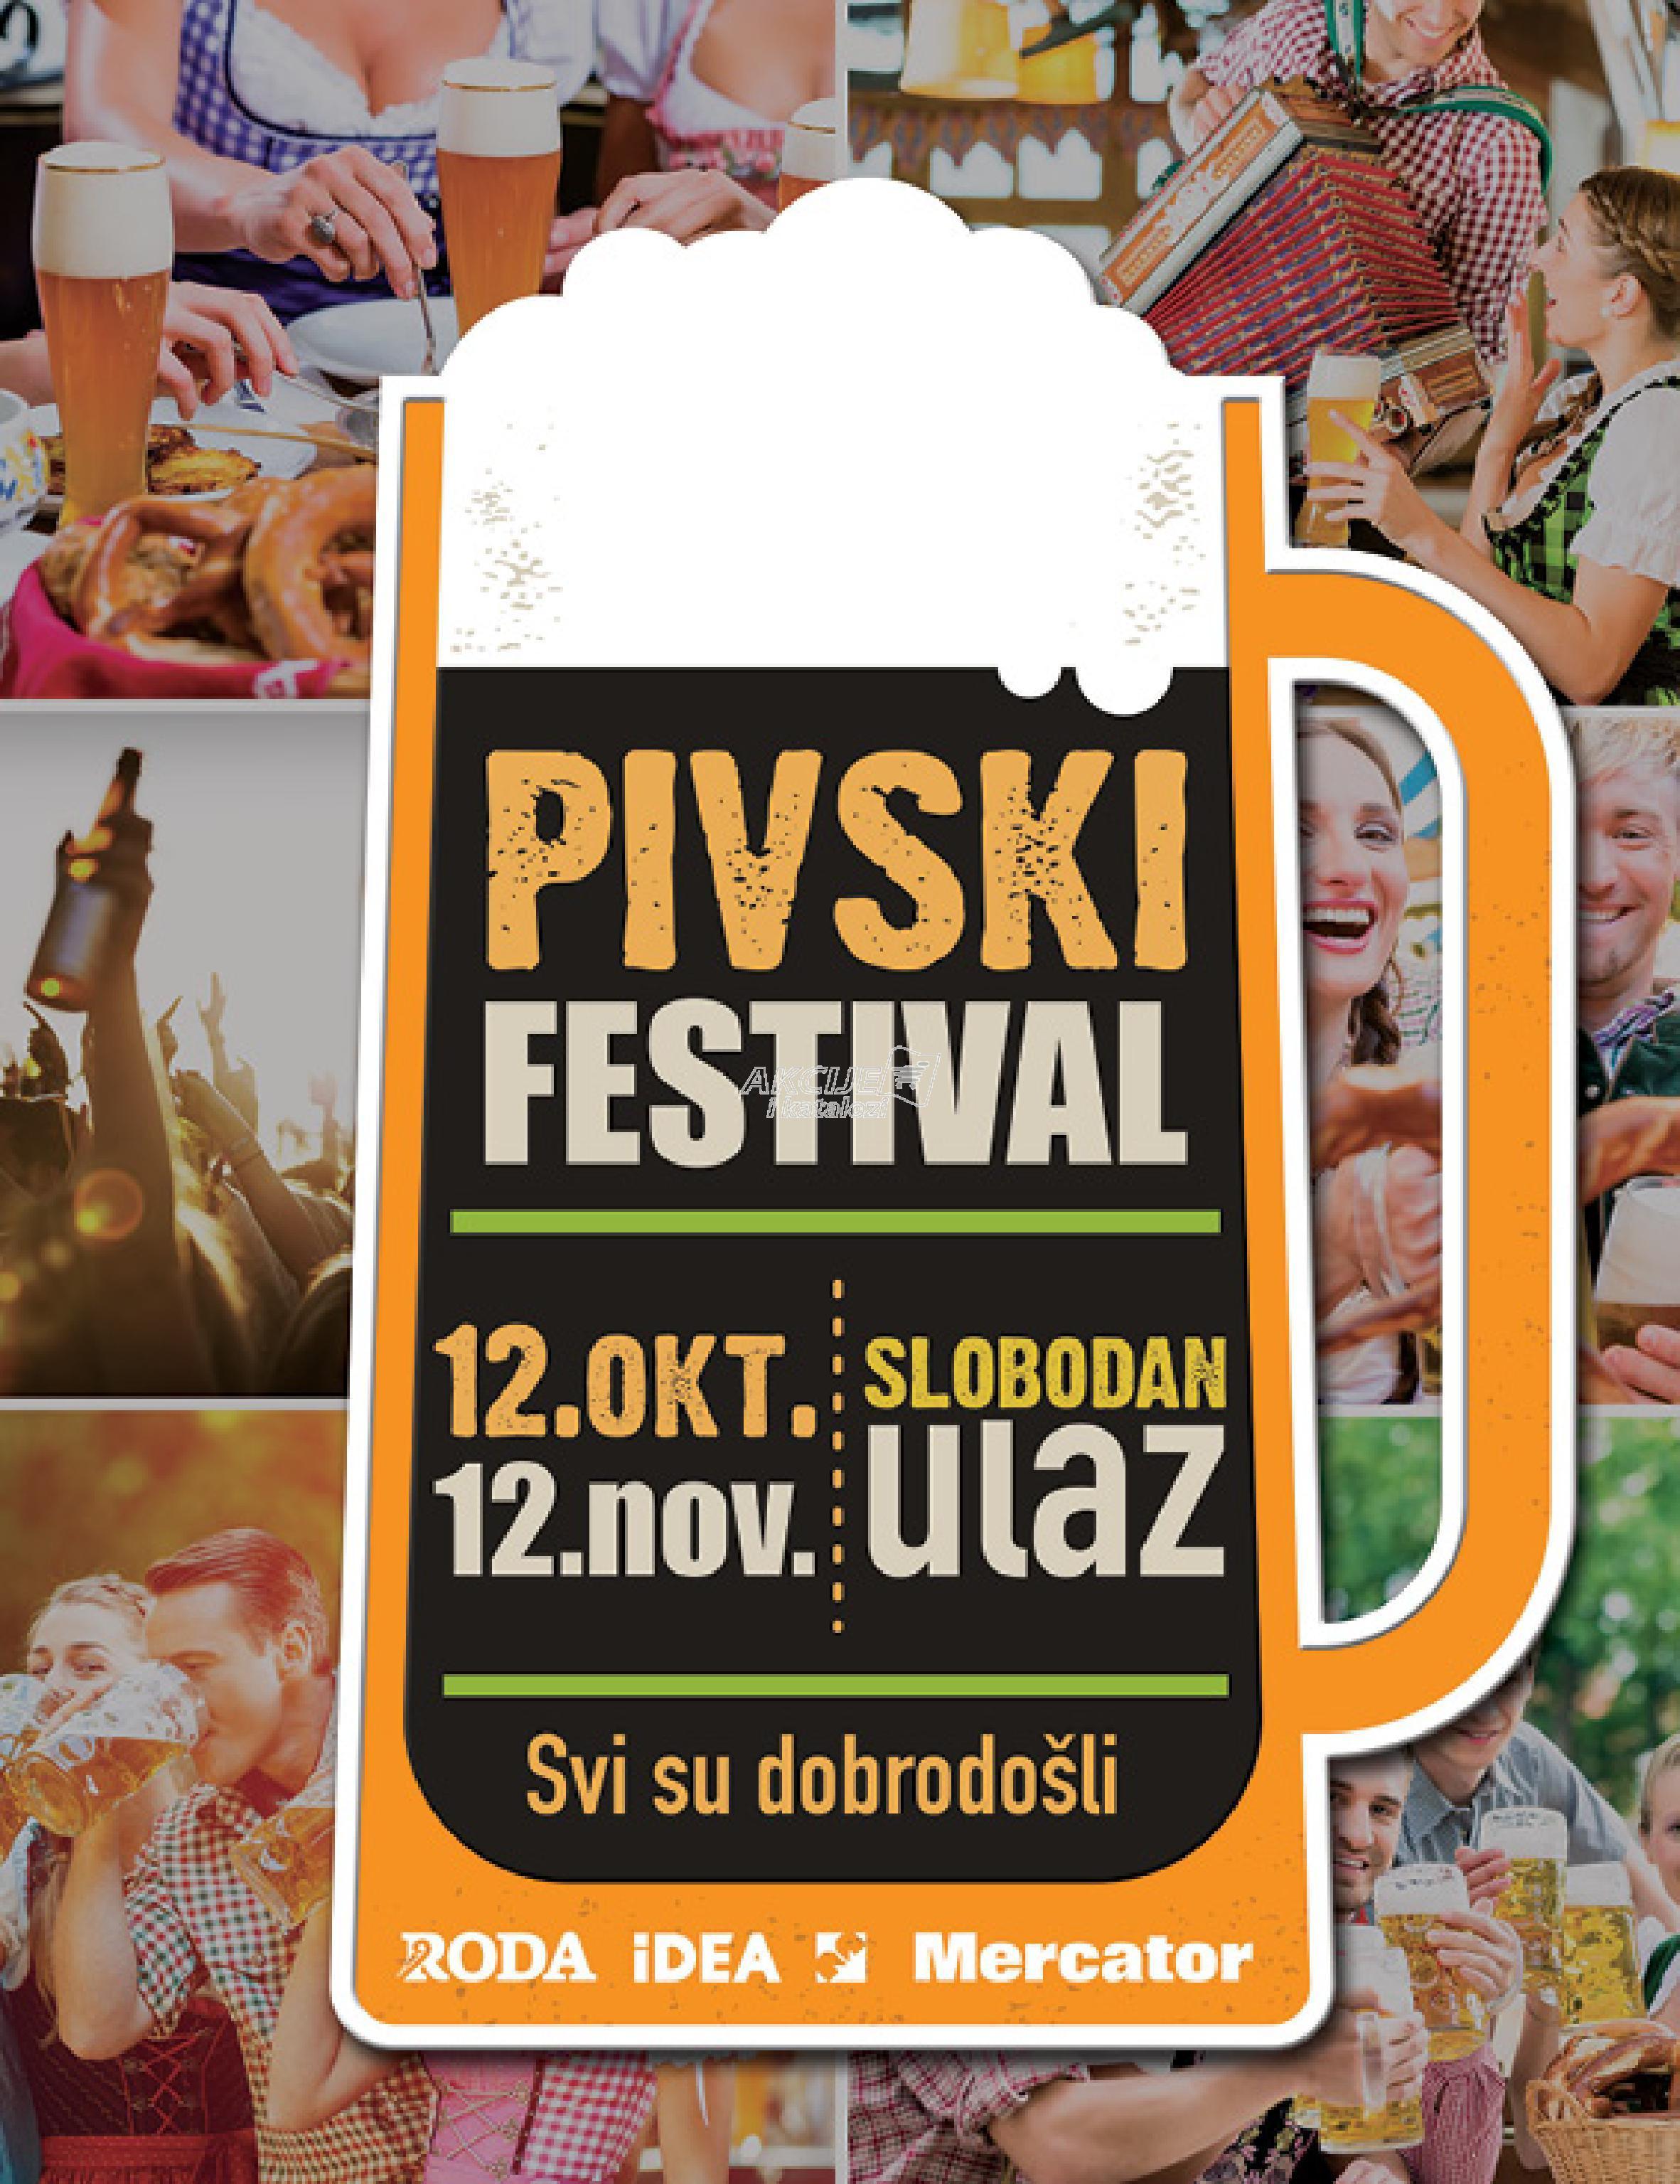 Idea akcija festival piva